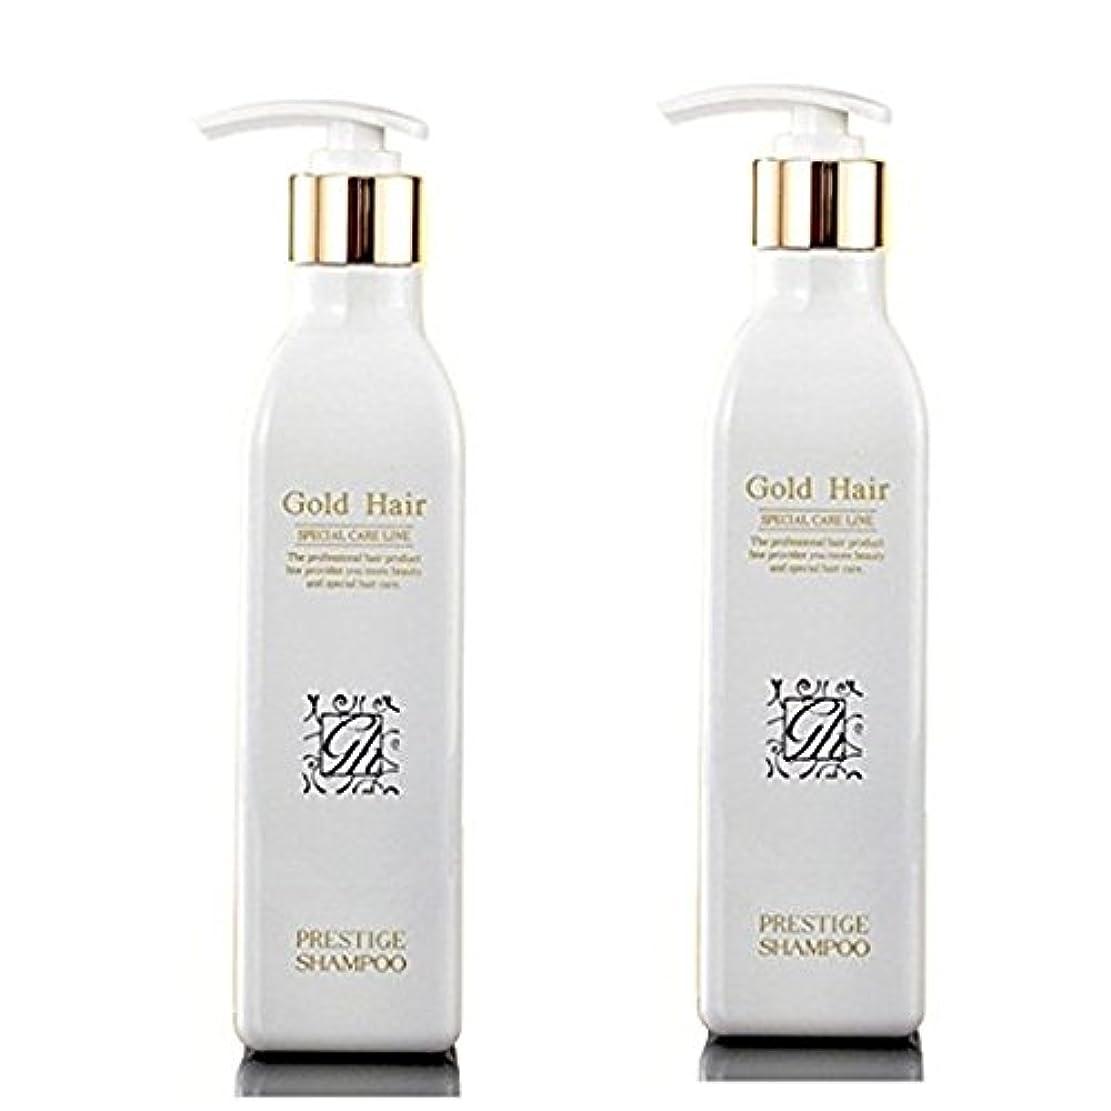 ストレージブルジョンリマゴールドヘア 育毛ケア シャンプー 漢方 シャンプー 抜け毛ケア ヘアケアシャンプー2本/Herbal Hair Loss Fast Regrowth Gold Hair Loss Shampoo[海外直送品] (2本セット...